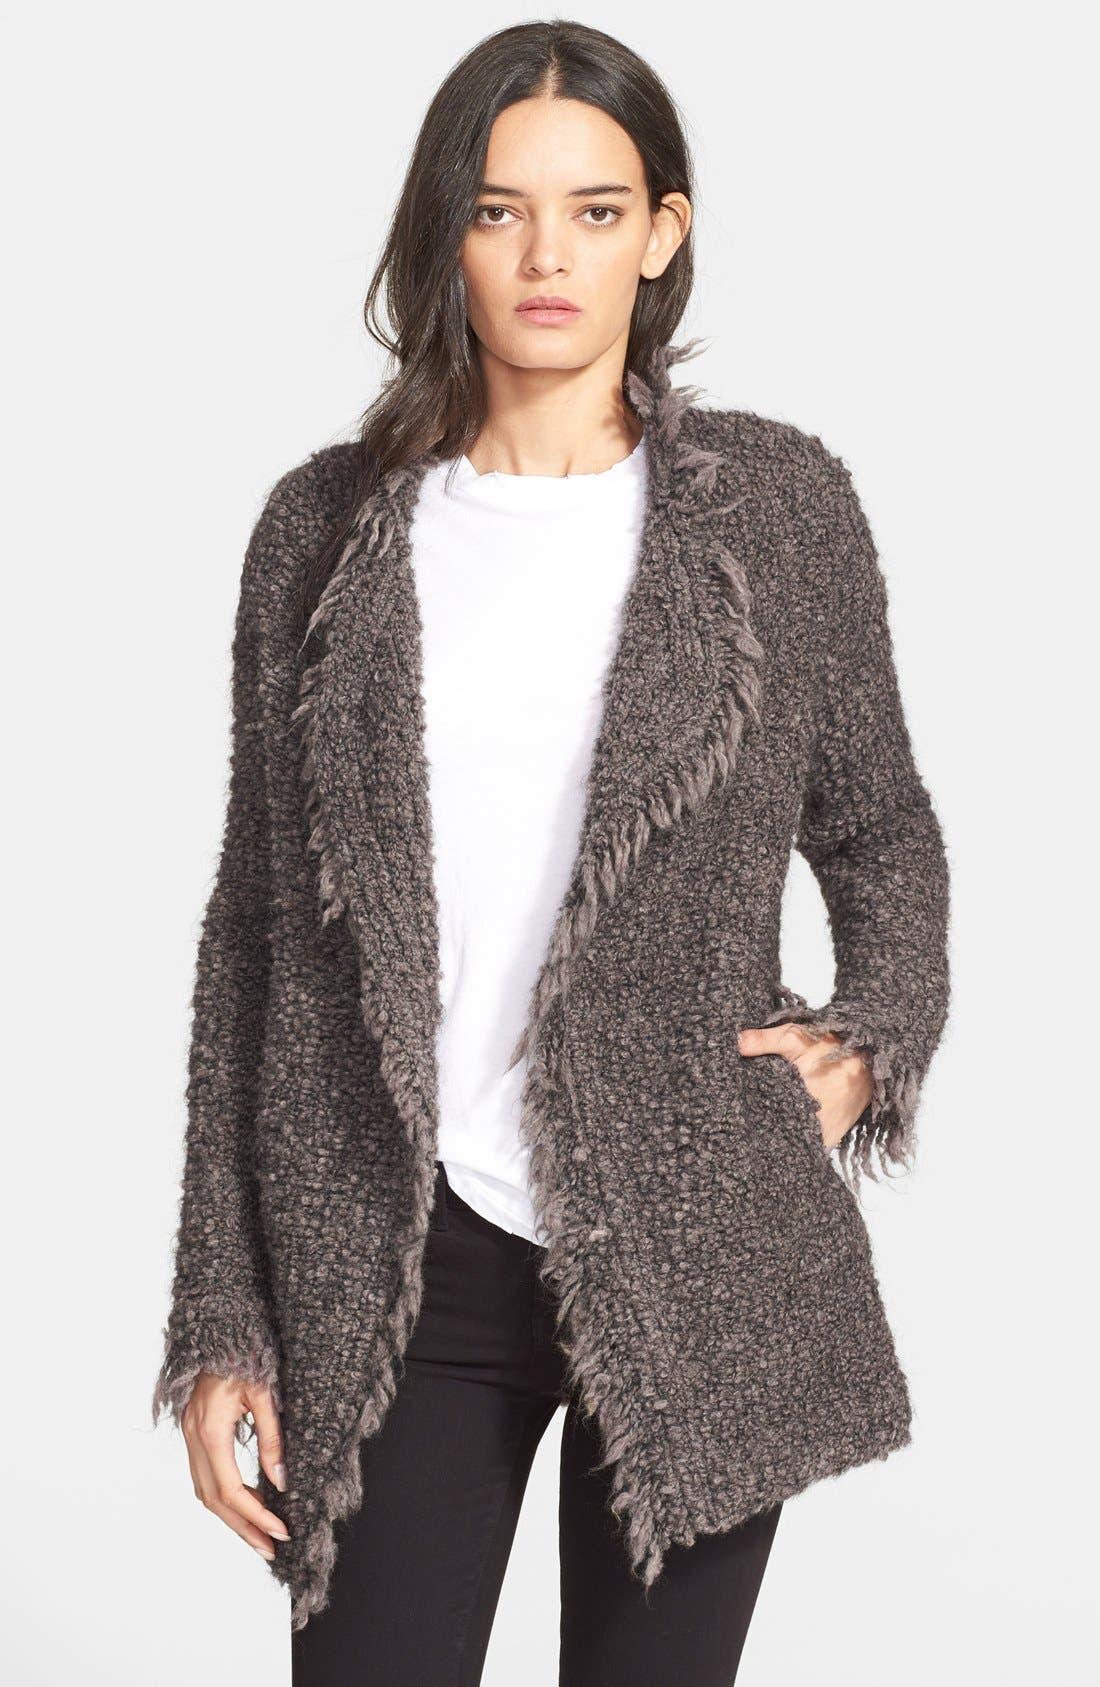 Main Image - IRO 'Campbell' Oversize Cardigan Jacket